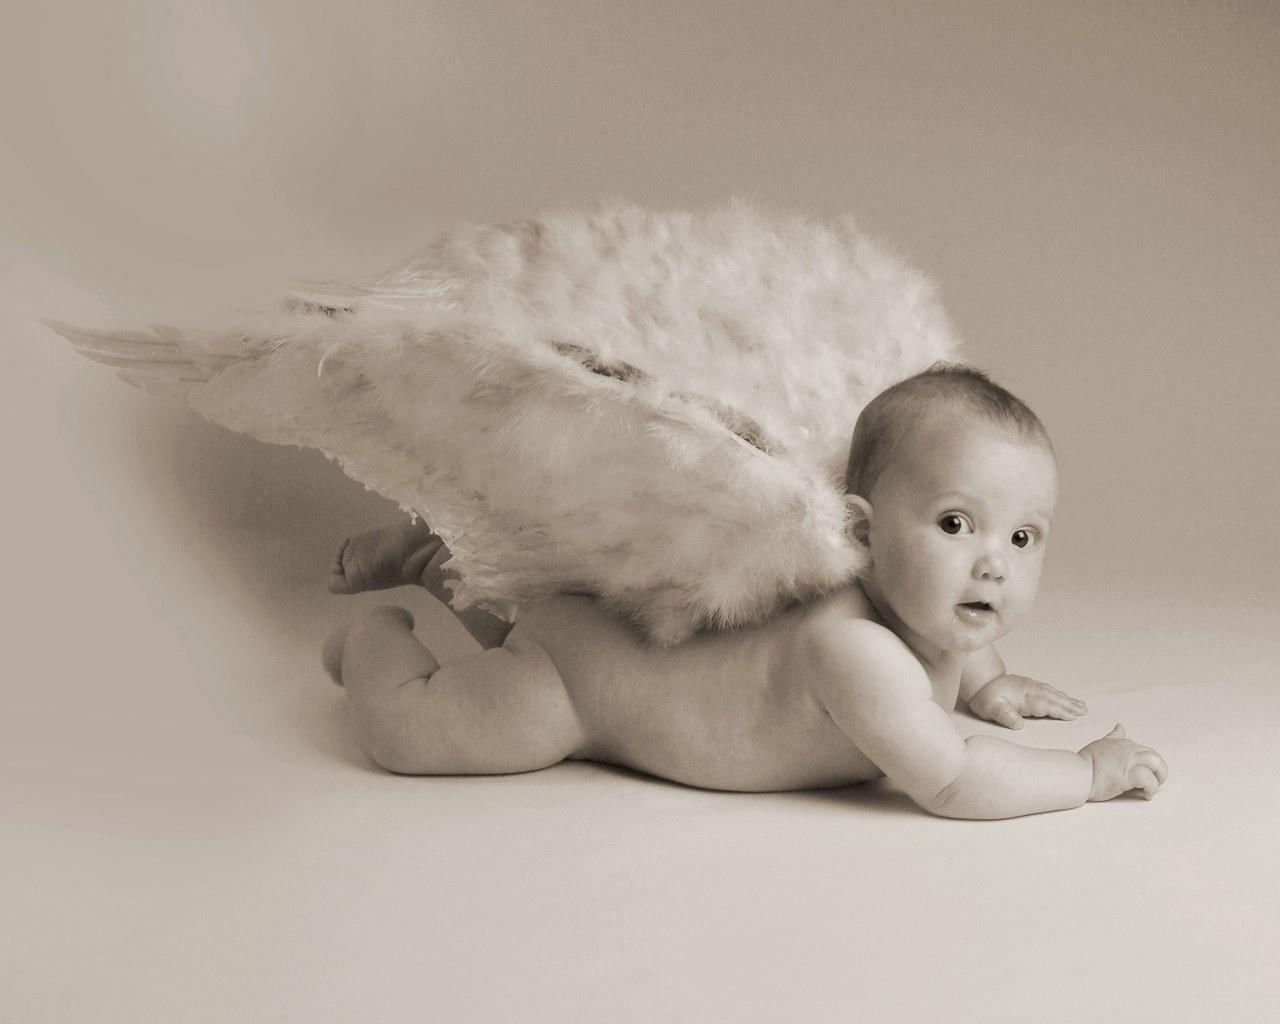 可爱婴儿儿童摄影壁纸